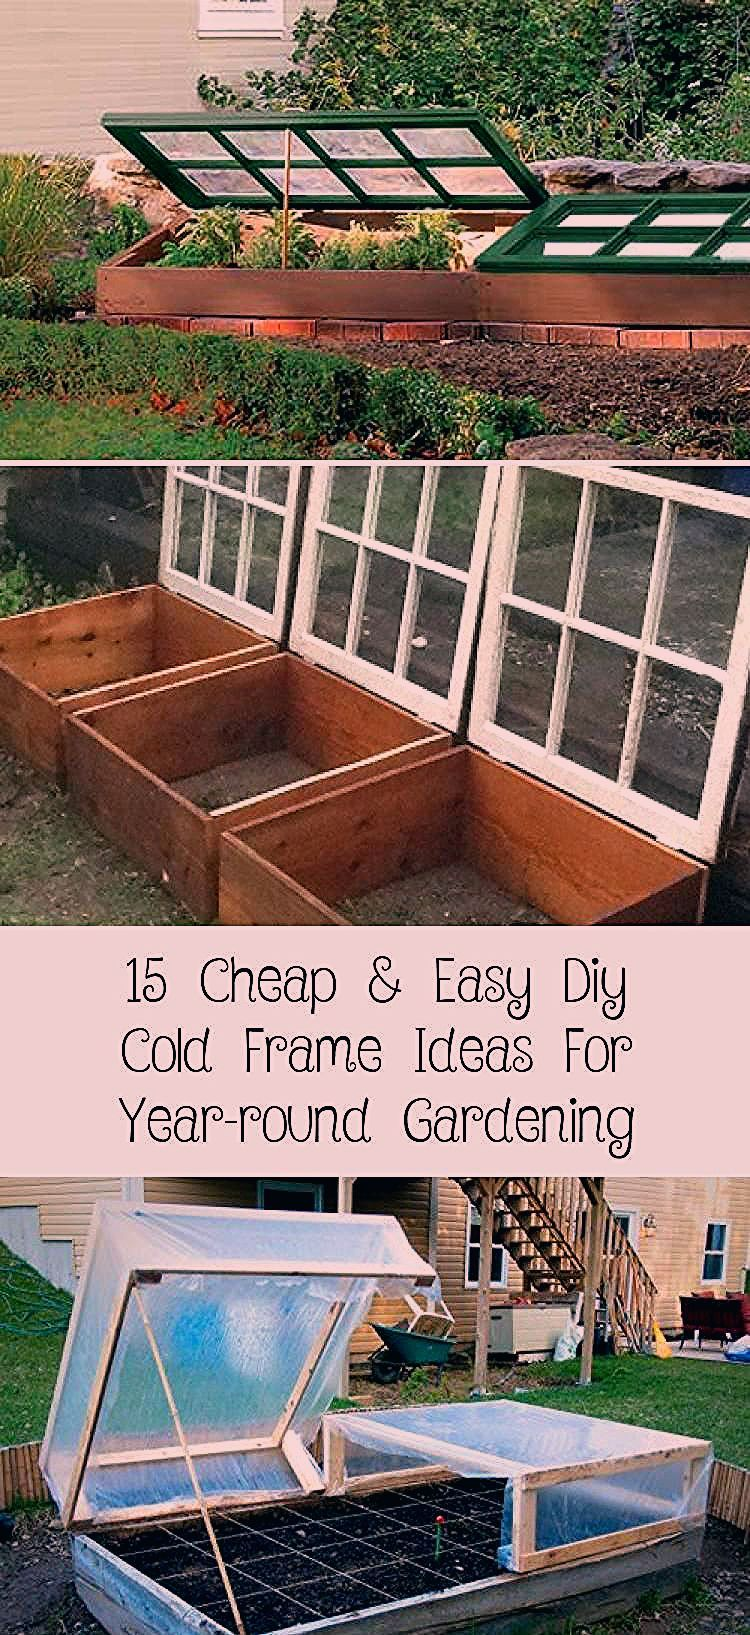 15 günstige und einfache DIY Cold Frame-Ideen für die ganzjährige Gartenarbeit #diygardenIndoor # ..., #Cold #Die #DIY #diygardenIndoor #einfache #FrameIdeen #für #ganzjährige #Gartenarbeit #Günstige #und